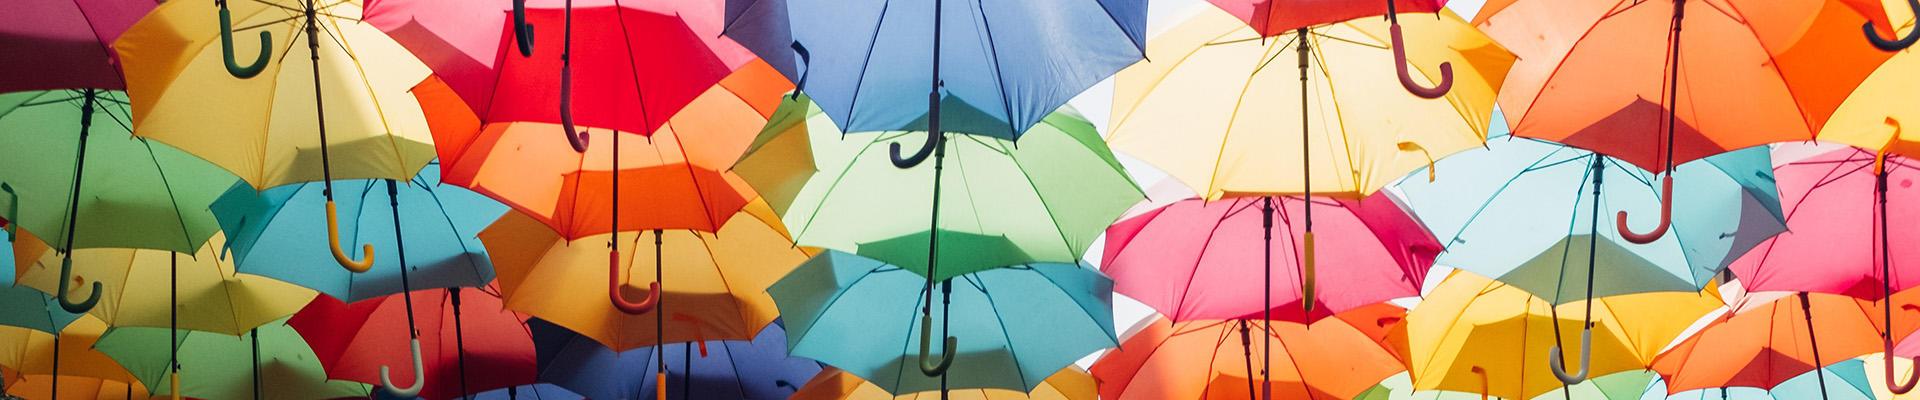 Paraplyer i forskjellige farger.